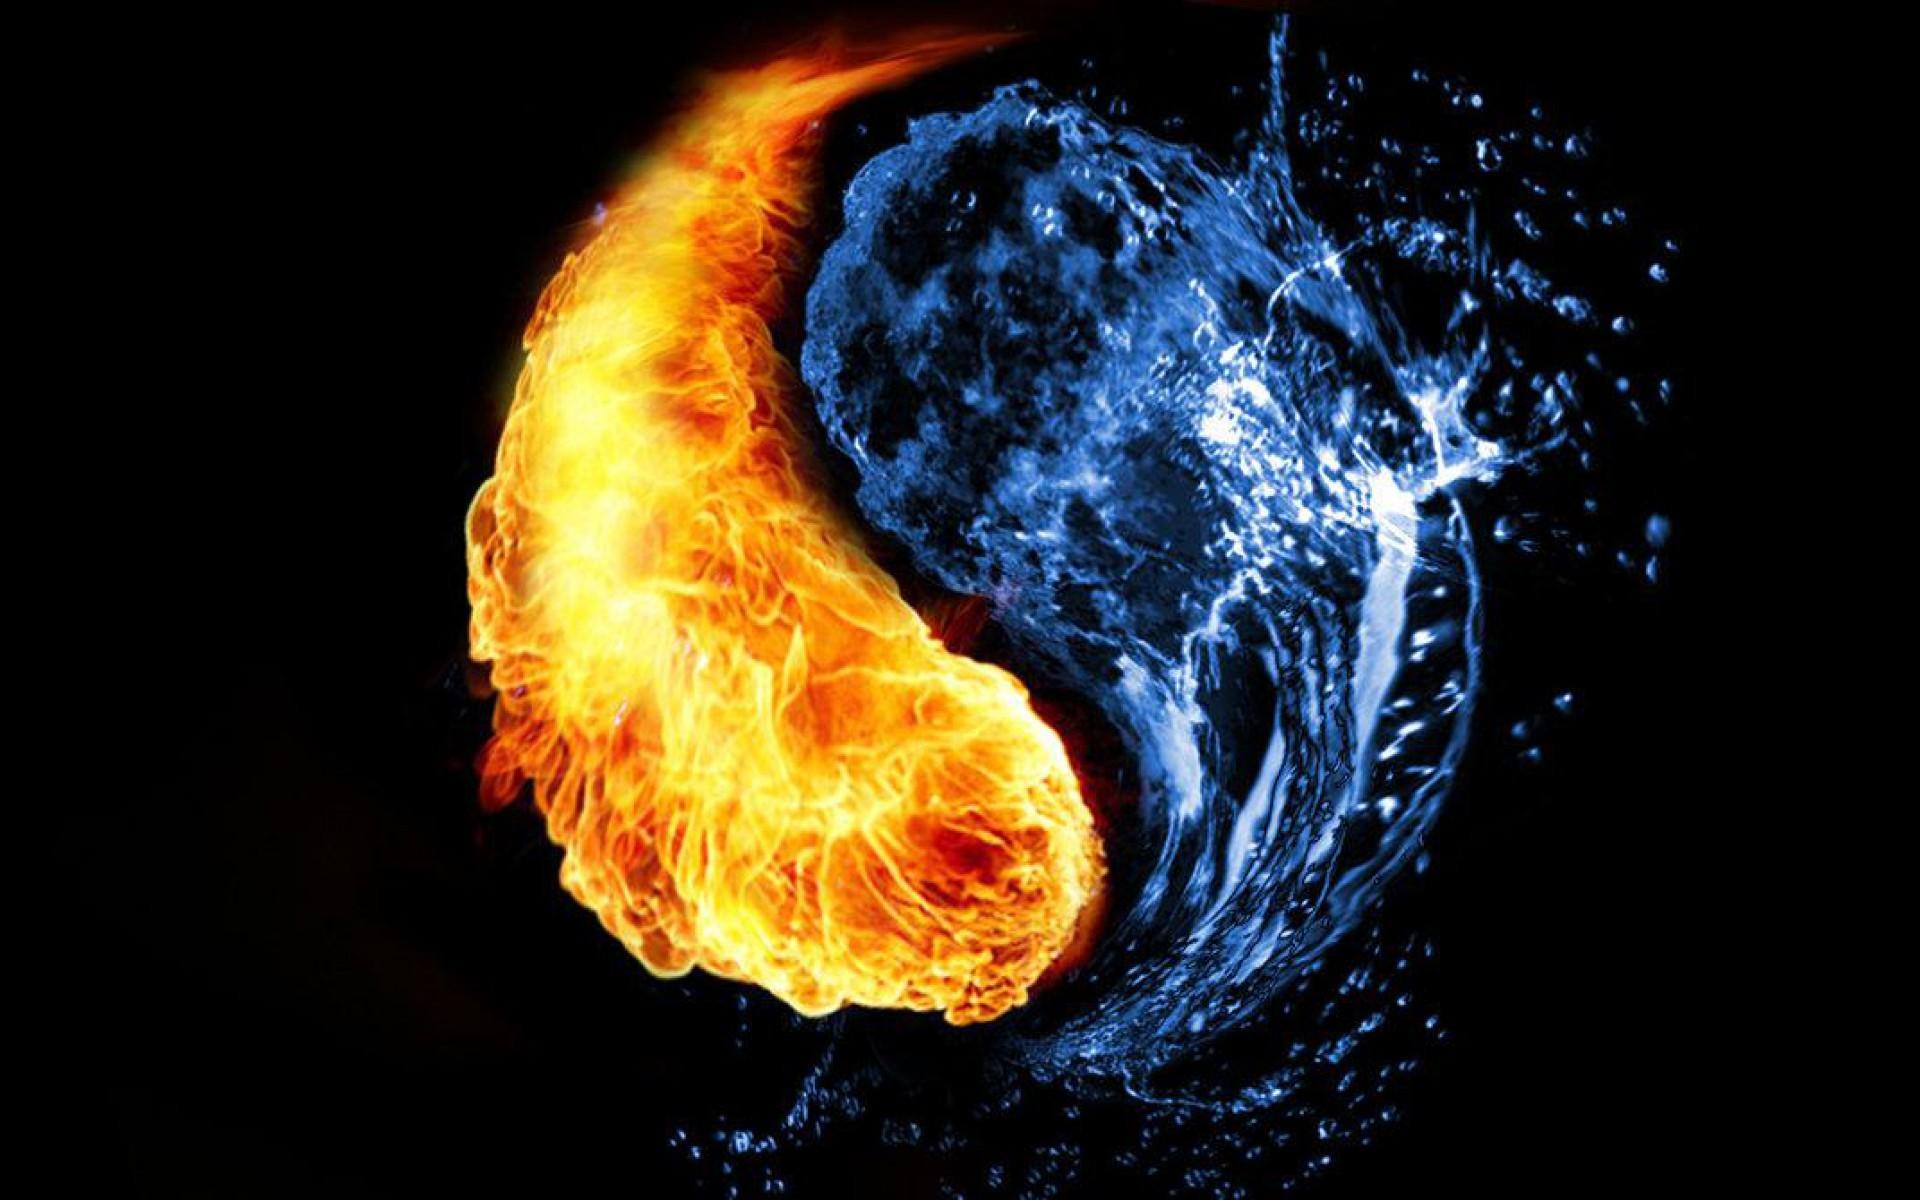 Fire and Ice Yin Yang | fire-and-water-yin-yang.